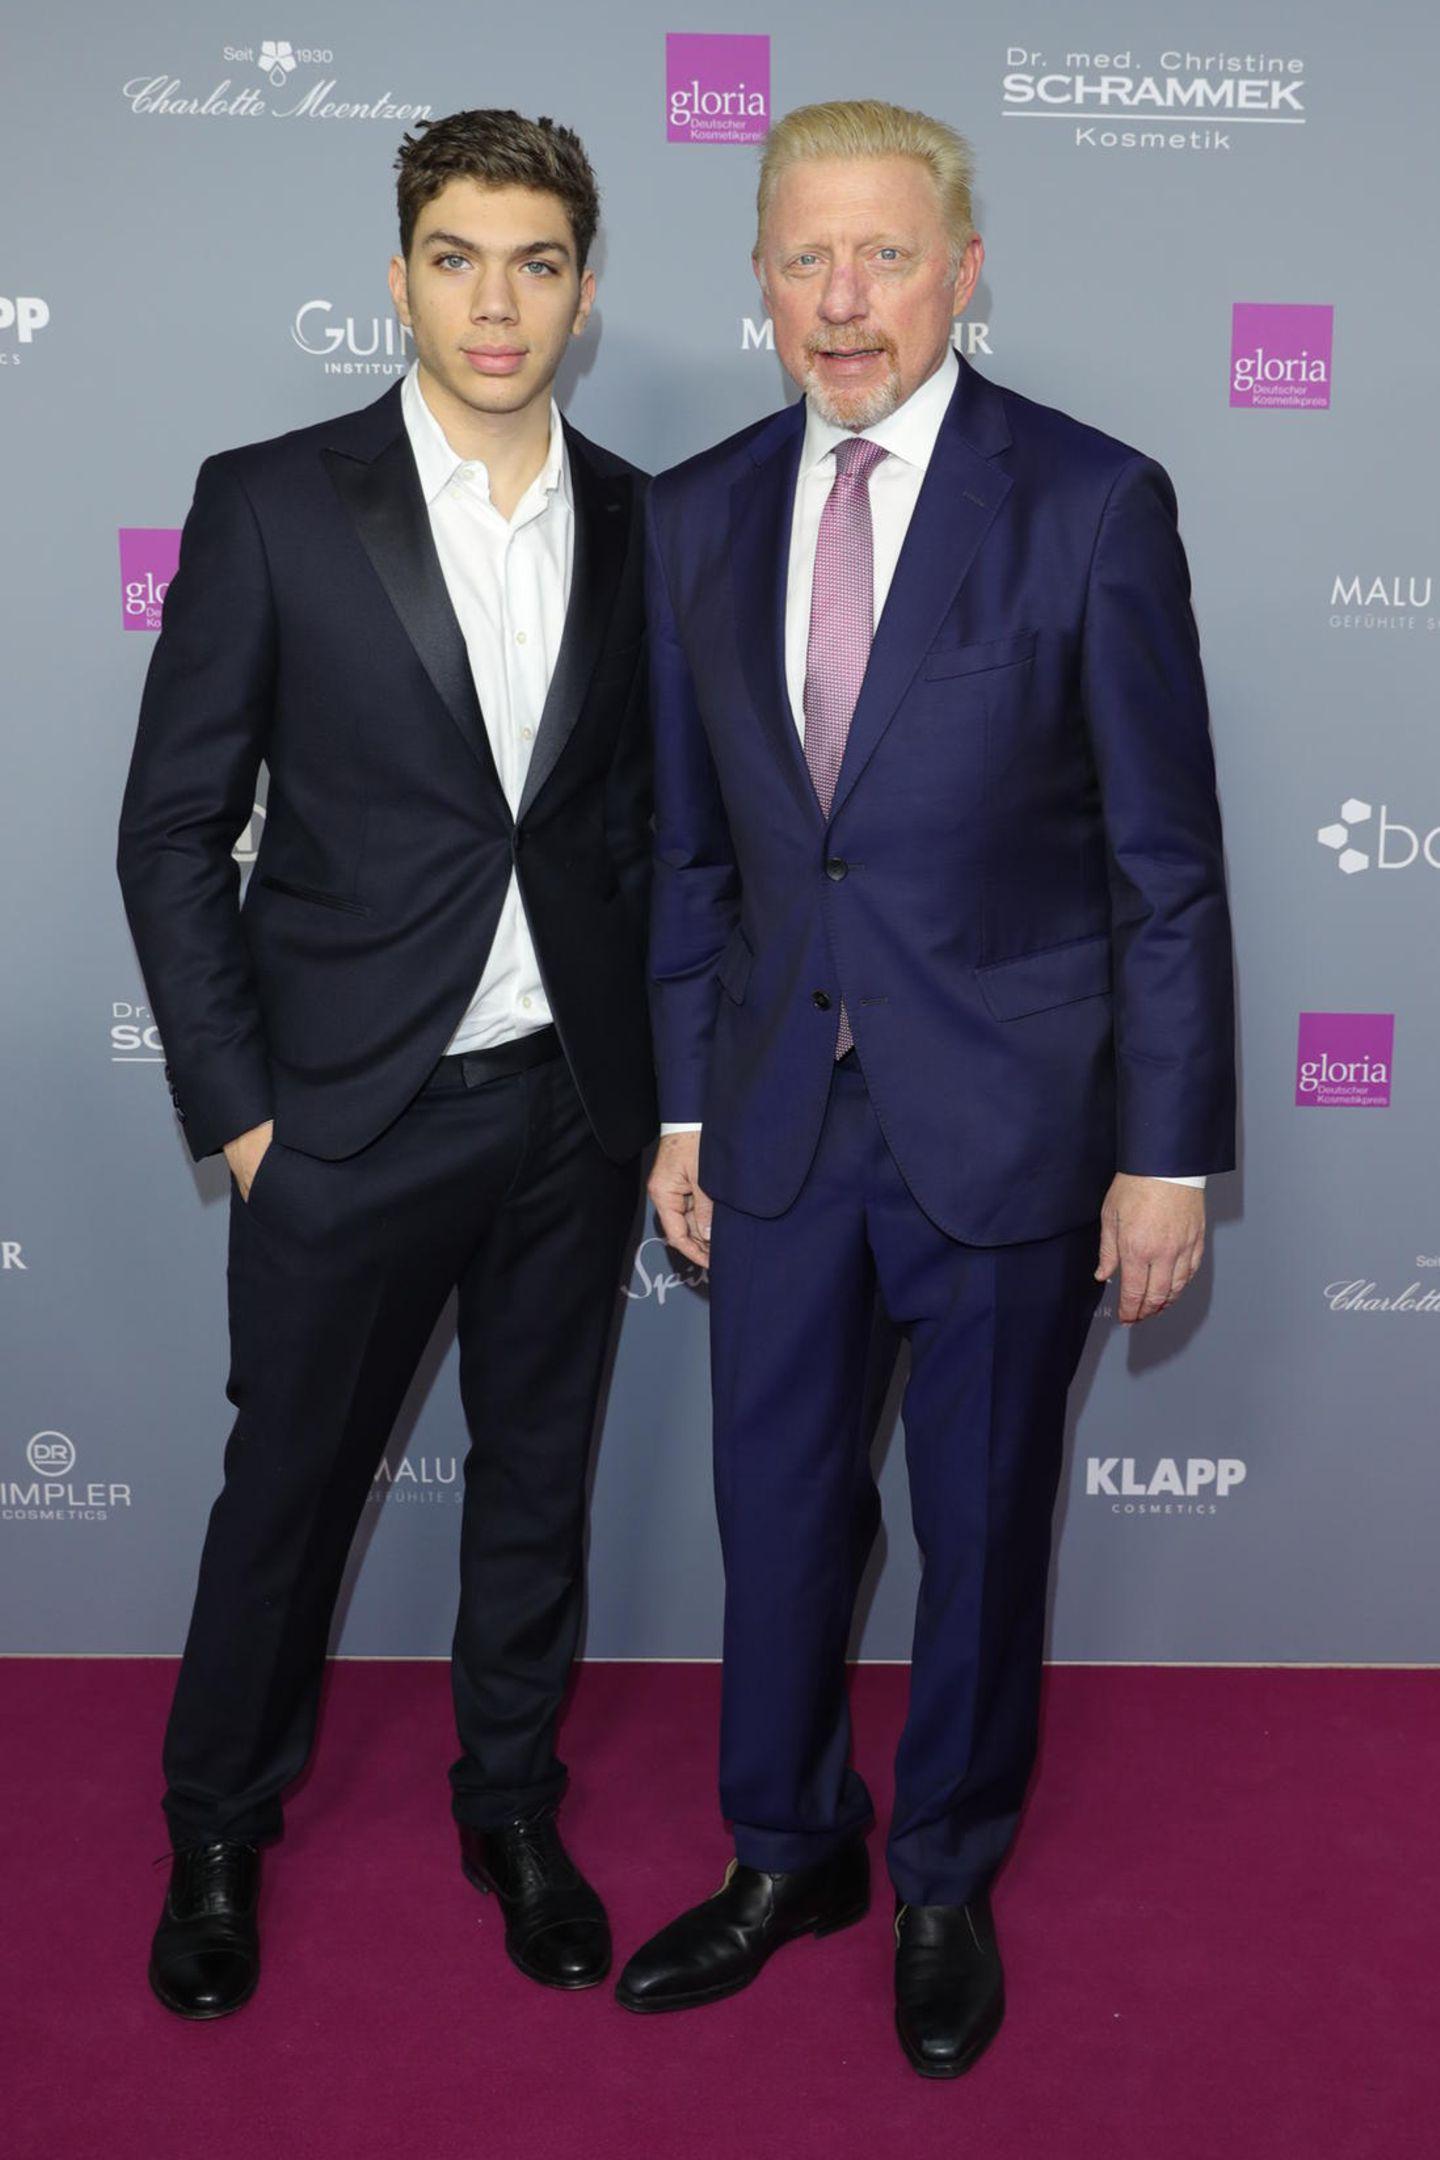 31. März 2019  Wie der Papa so der Sohn: Stolz präsentiert sich Boris Becker zusammen mit seinem zweitältesten Sohn Elias auf dem roten Teppich in Düsseldorf.Dabei fällt auf: Es fehlt nicht mehr viel, bis Elias seinen Papa überragt.